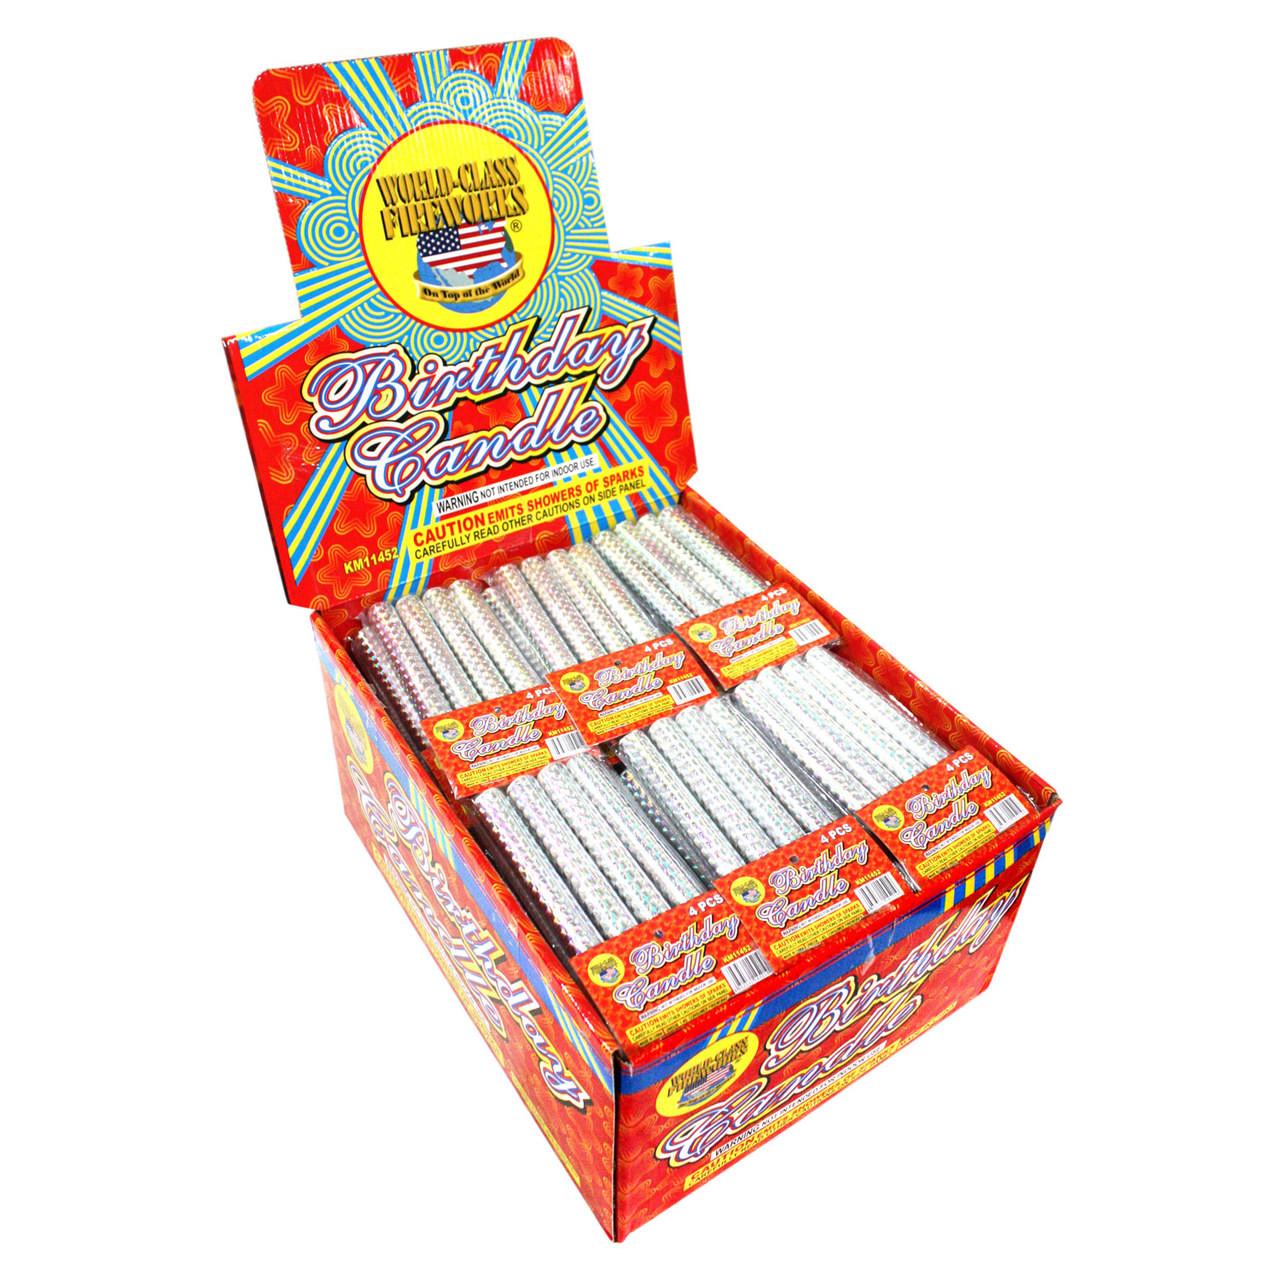 Sparklers in bulk | King of Sparklers